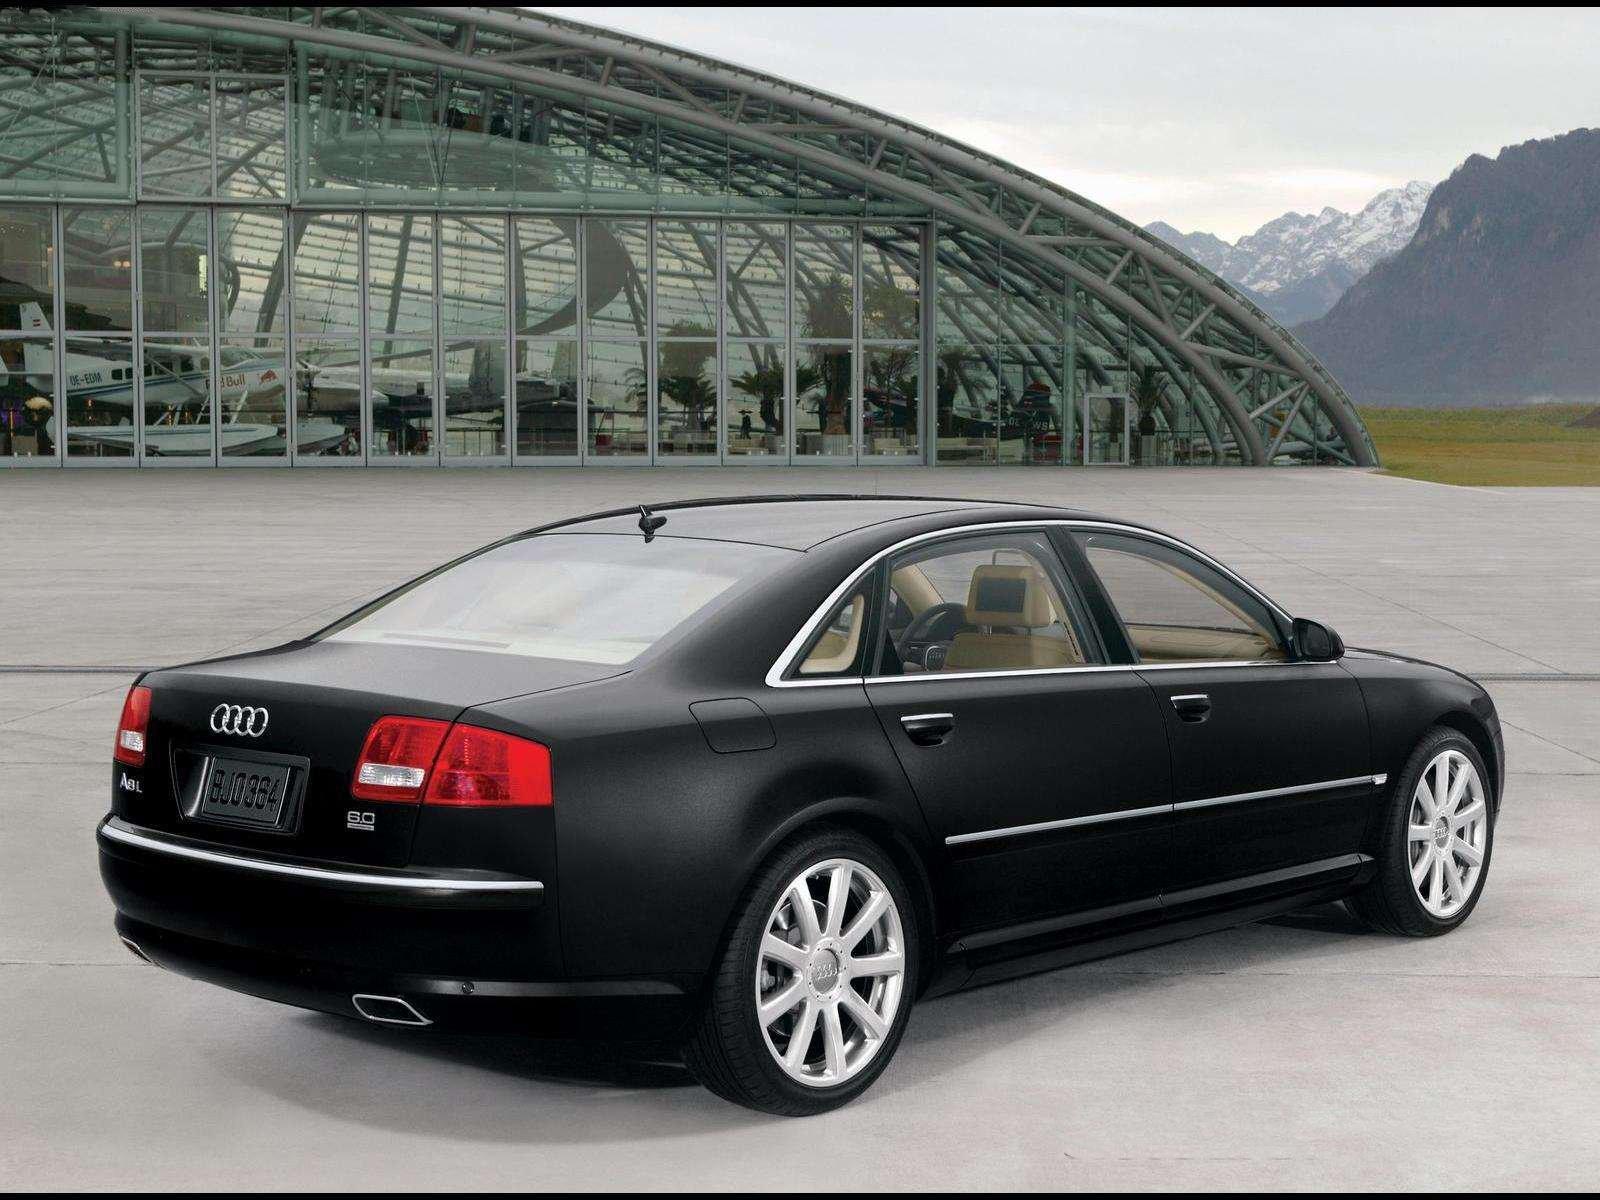 Audi a8 l 6 0 w12 quattro 2004 picture 3 of 5 rear angle image - Audi A8 L Rear View